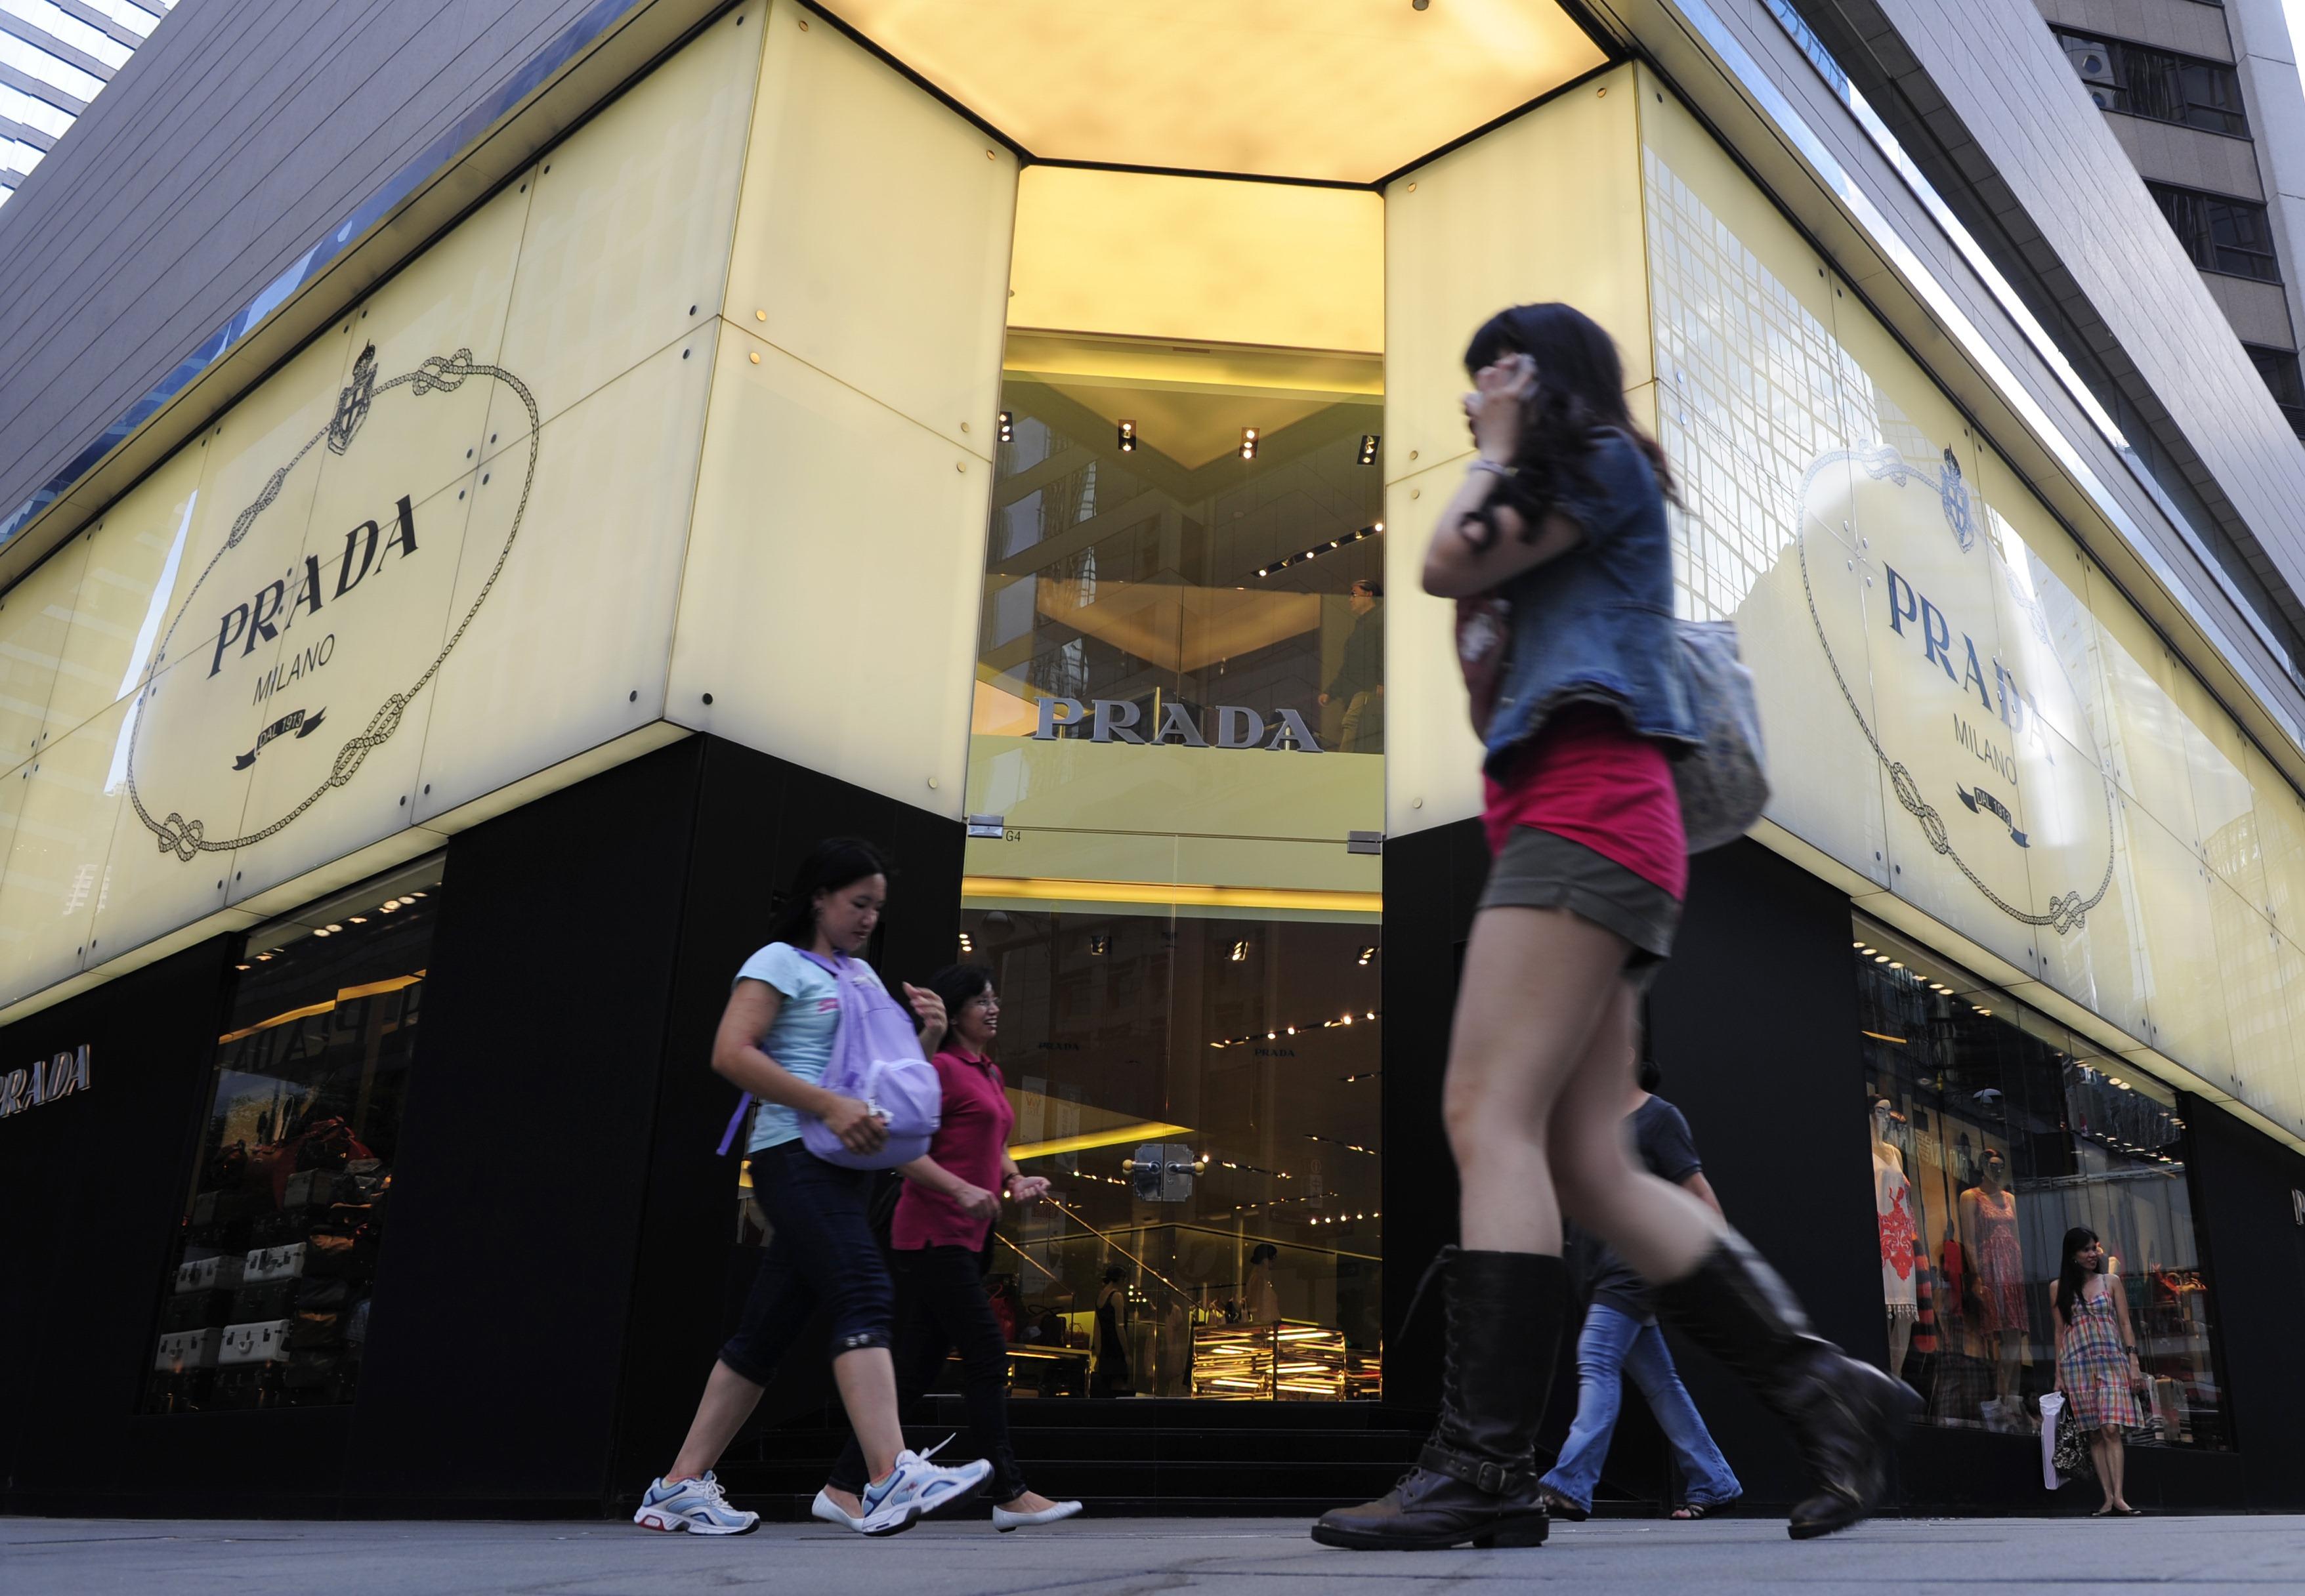 Pedestrians walk past a Prada shop in Hong Kong.